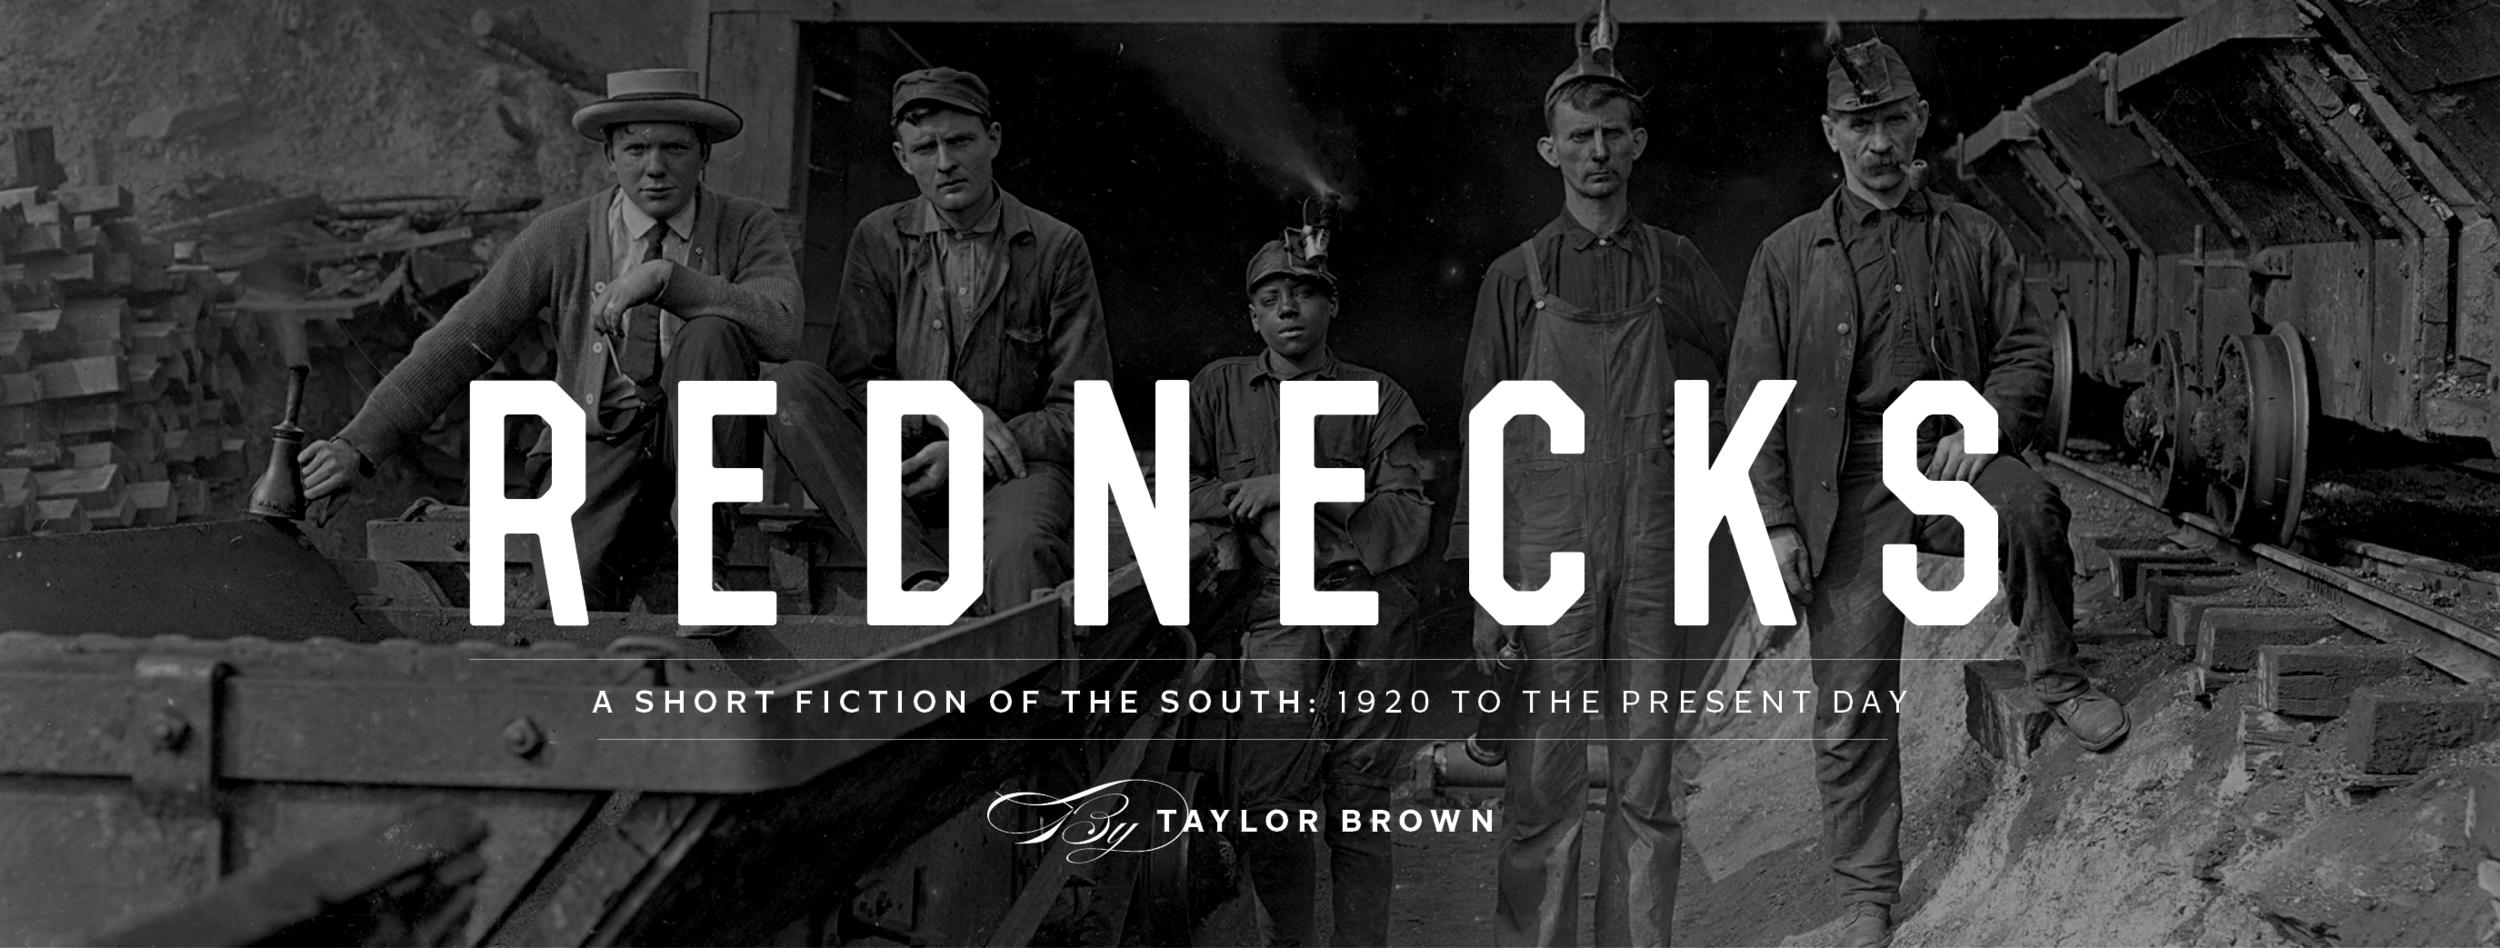 redneck-titles4.png